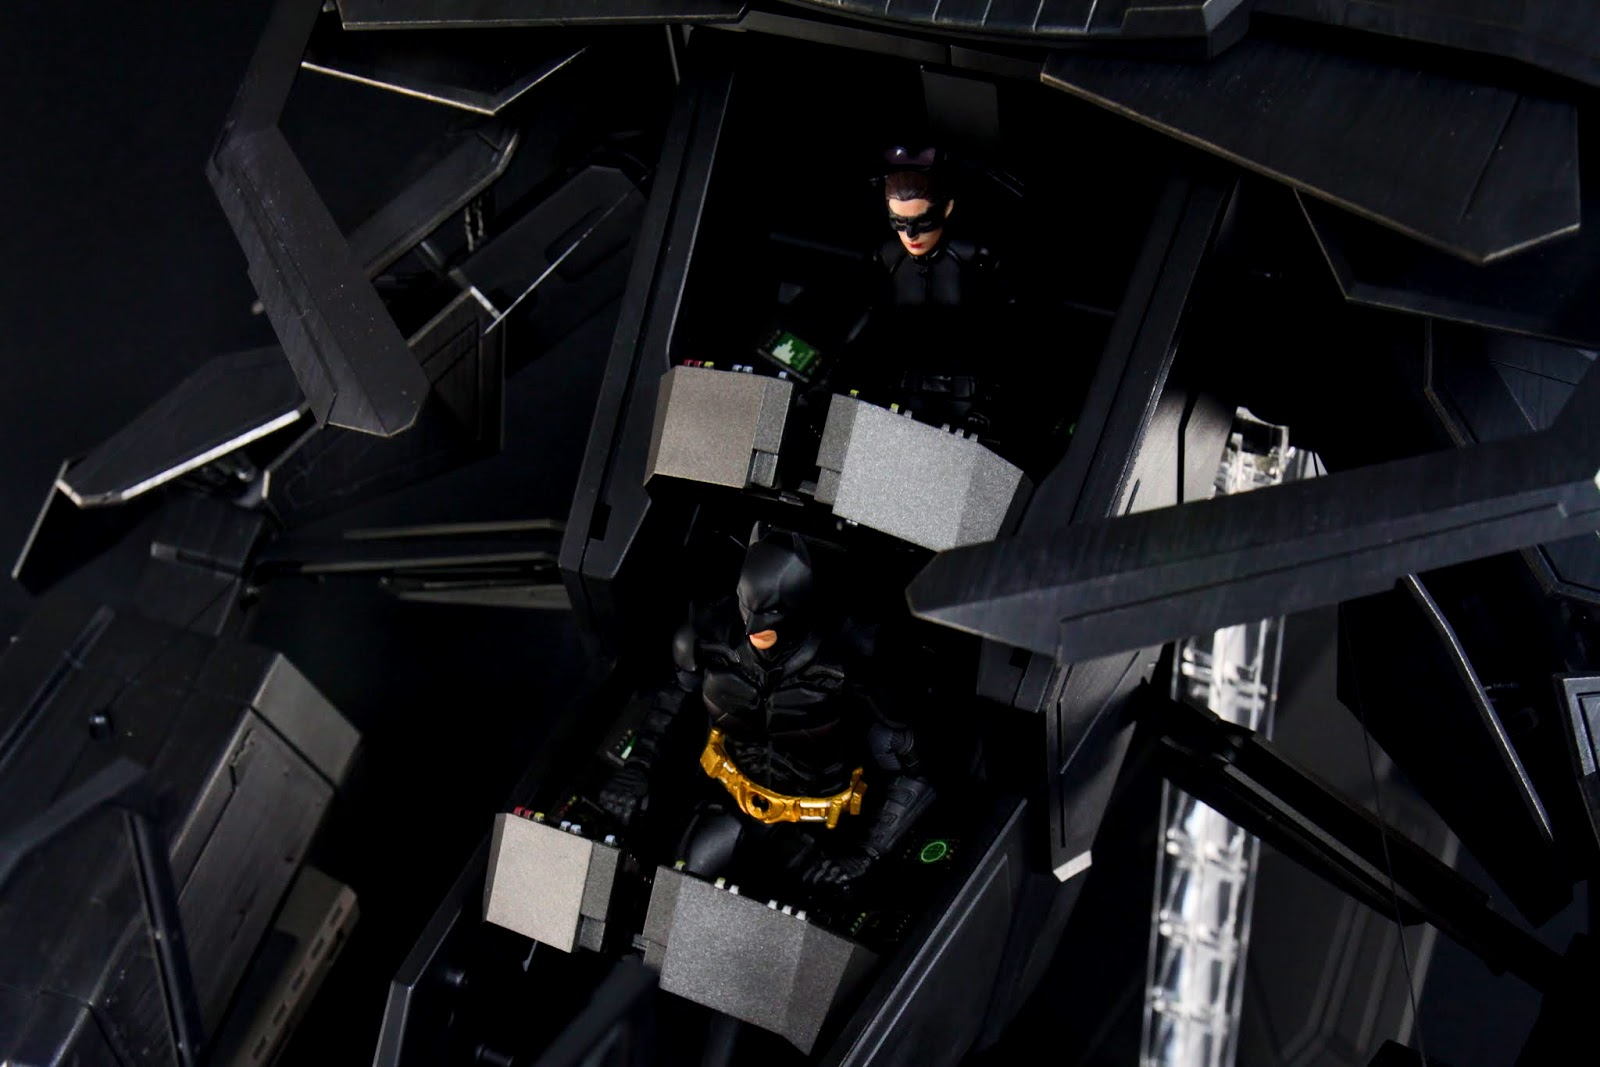 蝙蝠俠身形問題坐上去比較需要調整